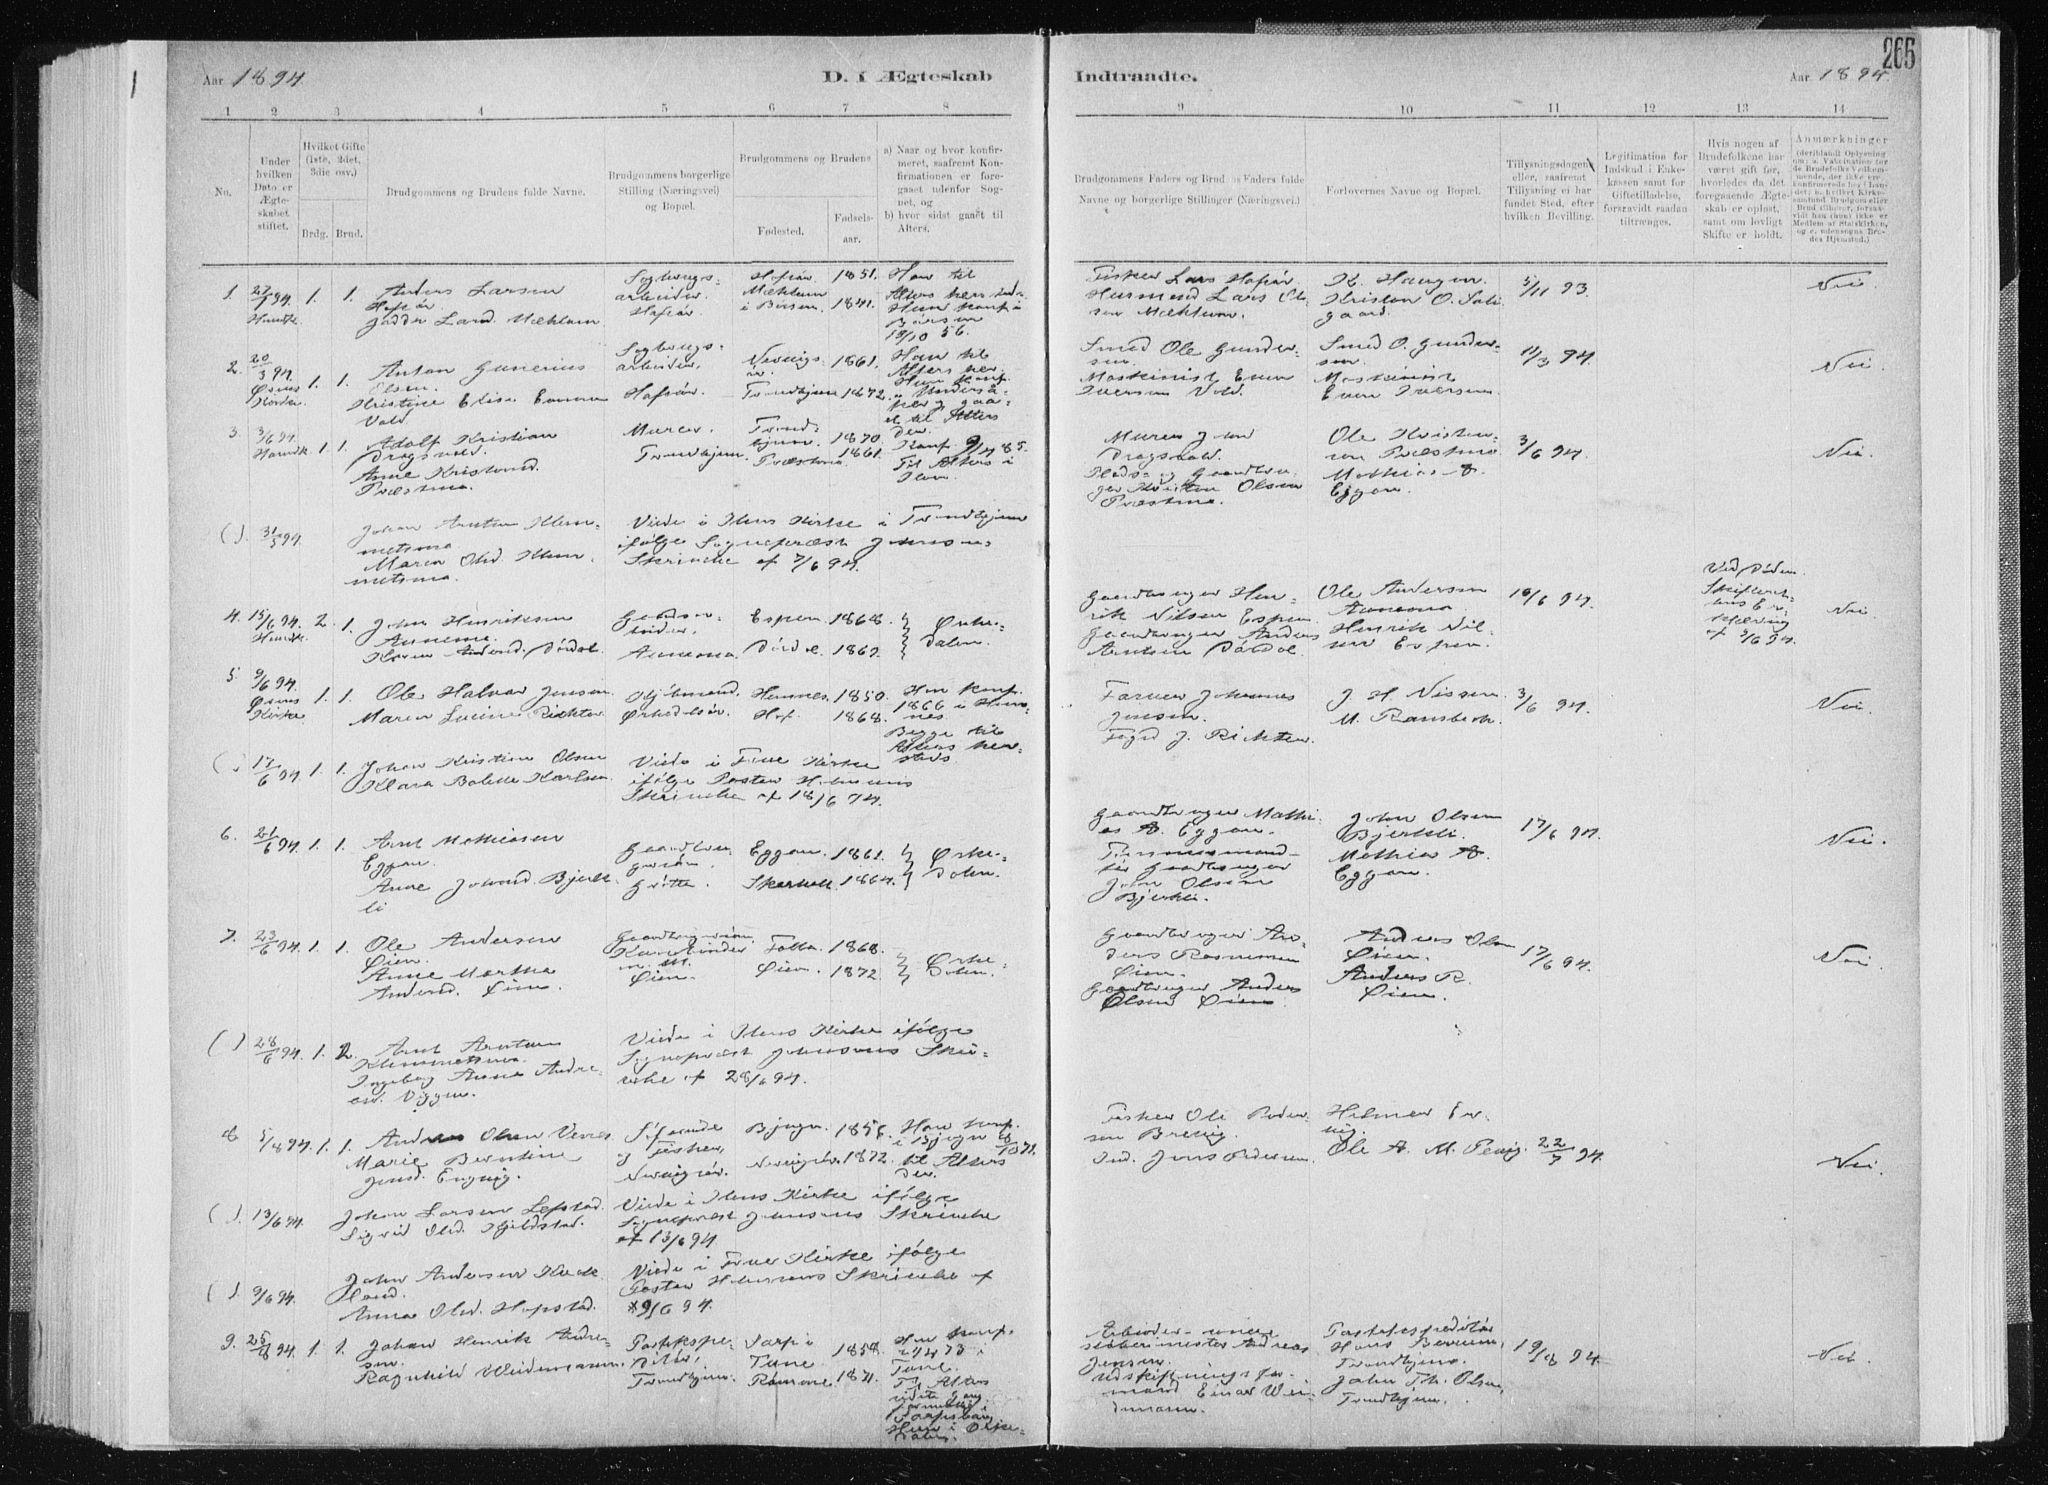 SAT, Ministerialprotokoller, klokkerbøker og fødselsregistre - Sør-Trøndelag, 668/L0818: Klokkerbok nr. 668C07, 1885-1898, s. 265